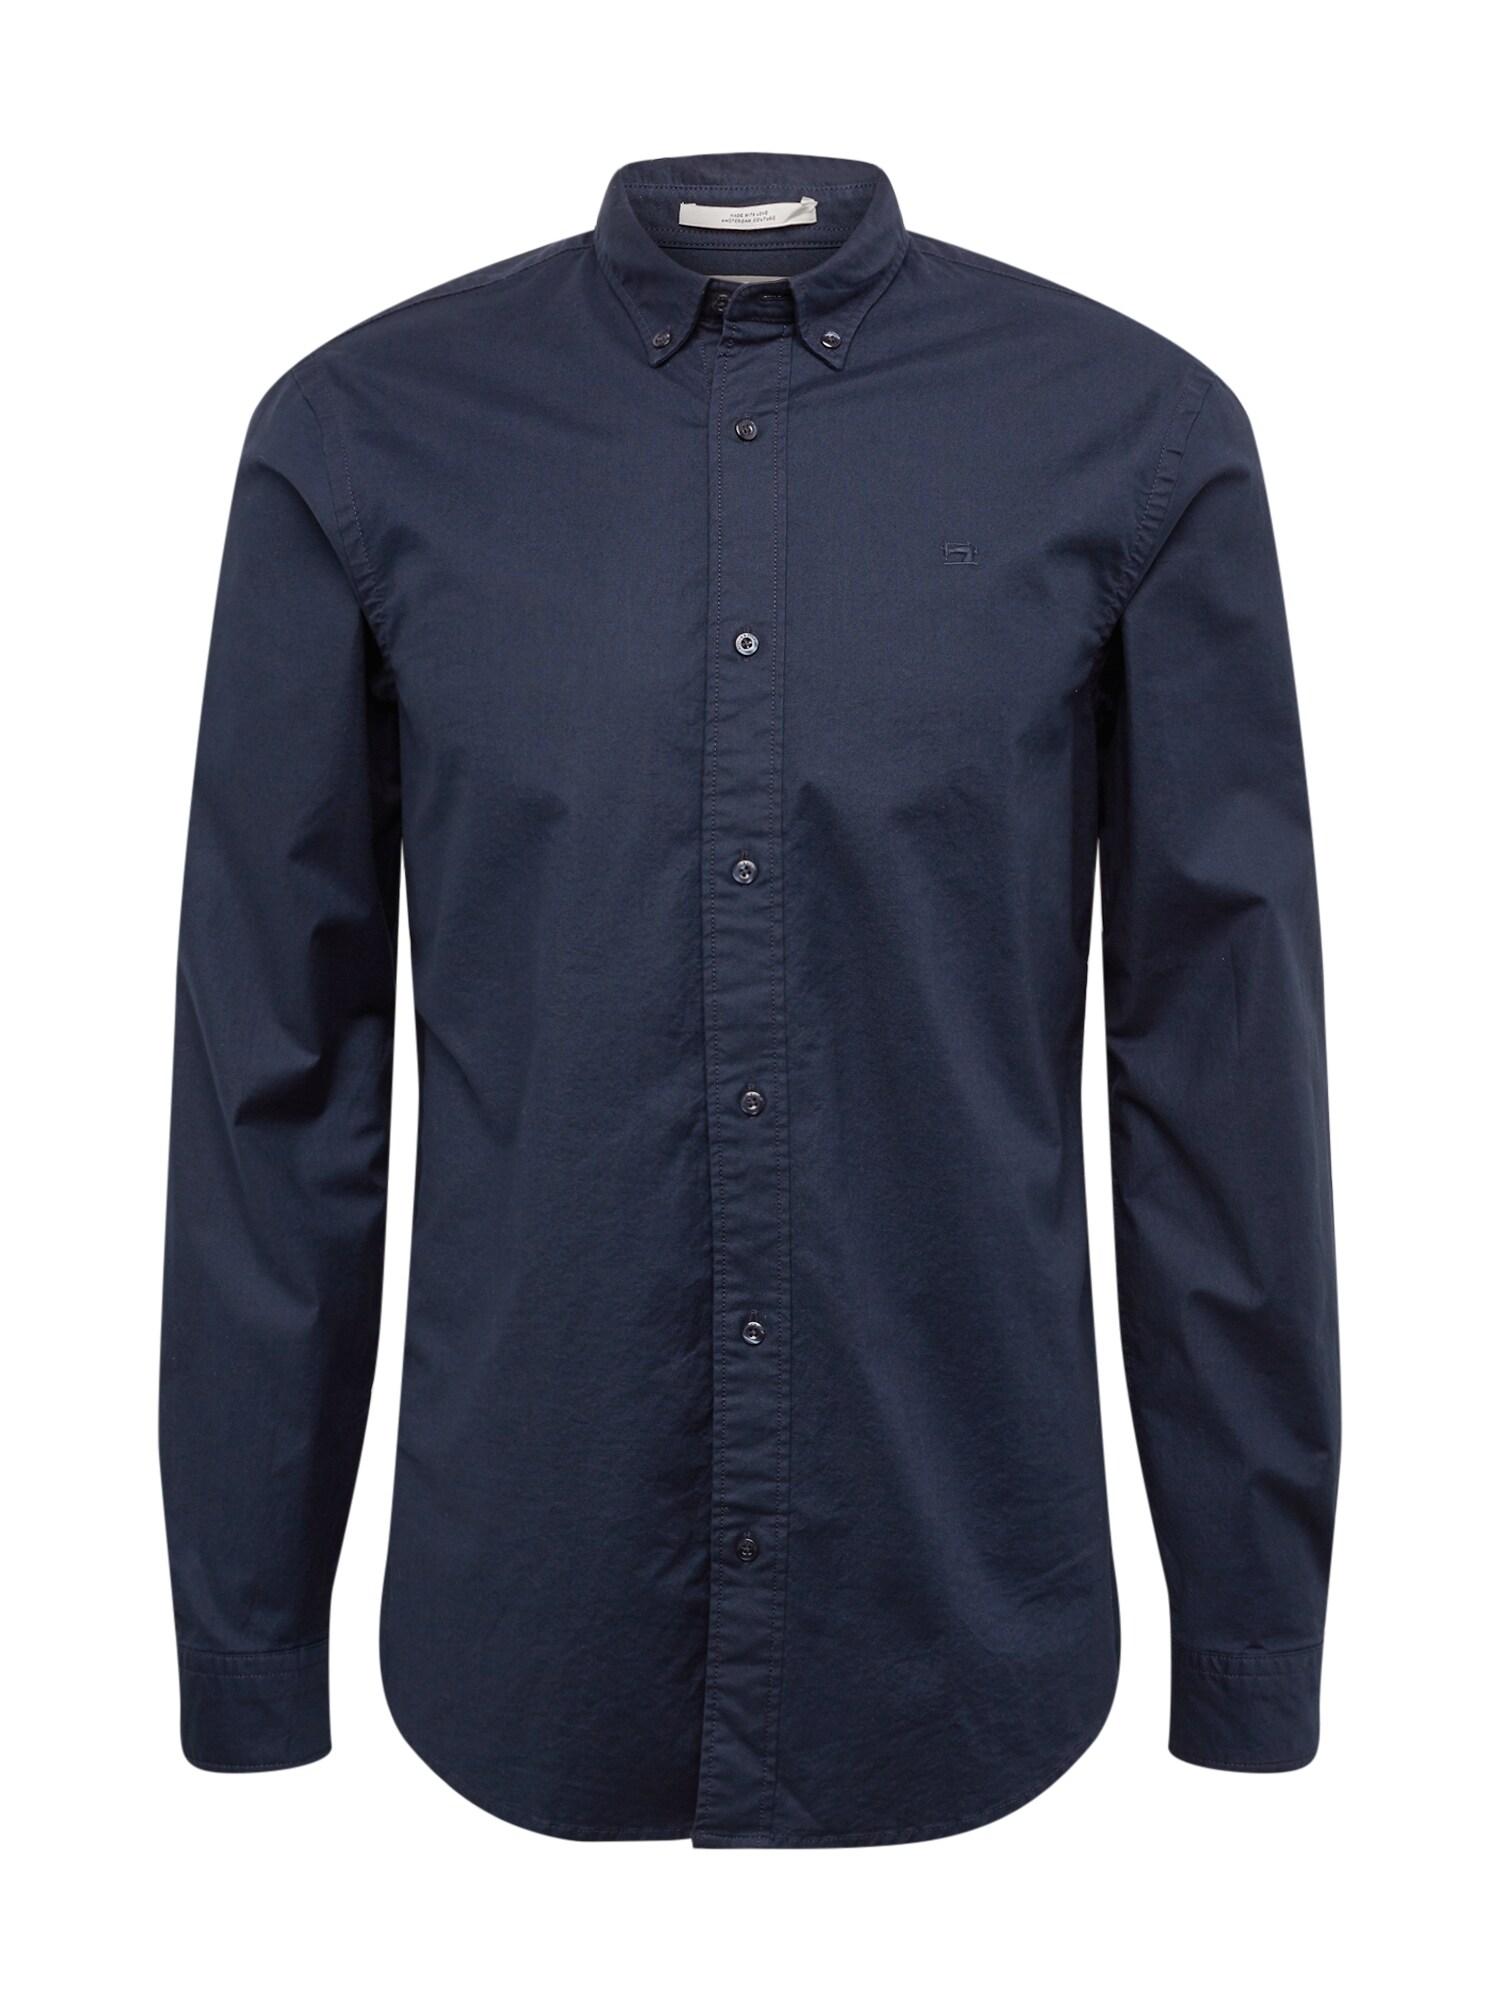 SCOTCH & SODA Dalykinio stiliaus marškiniai